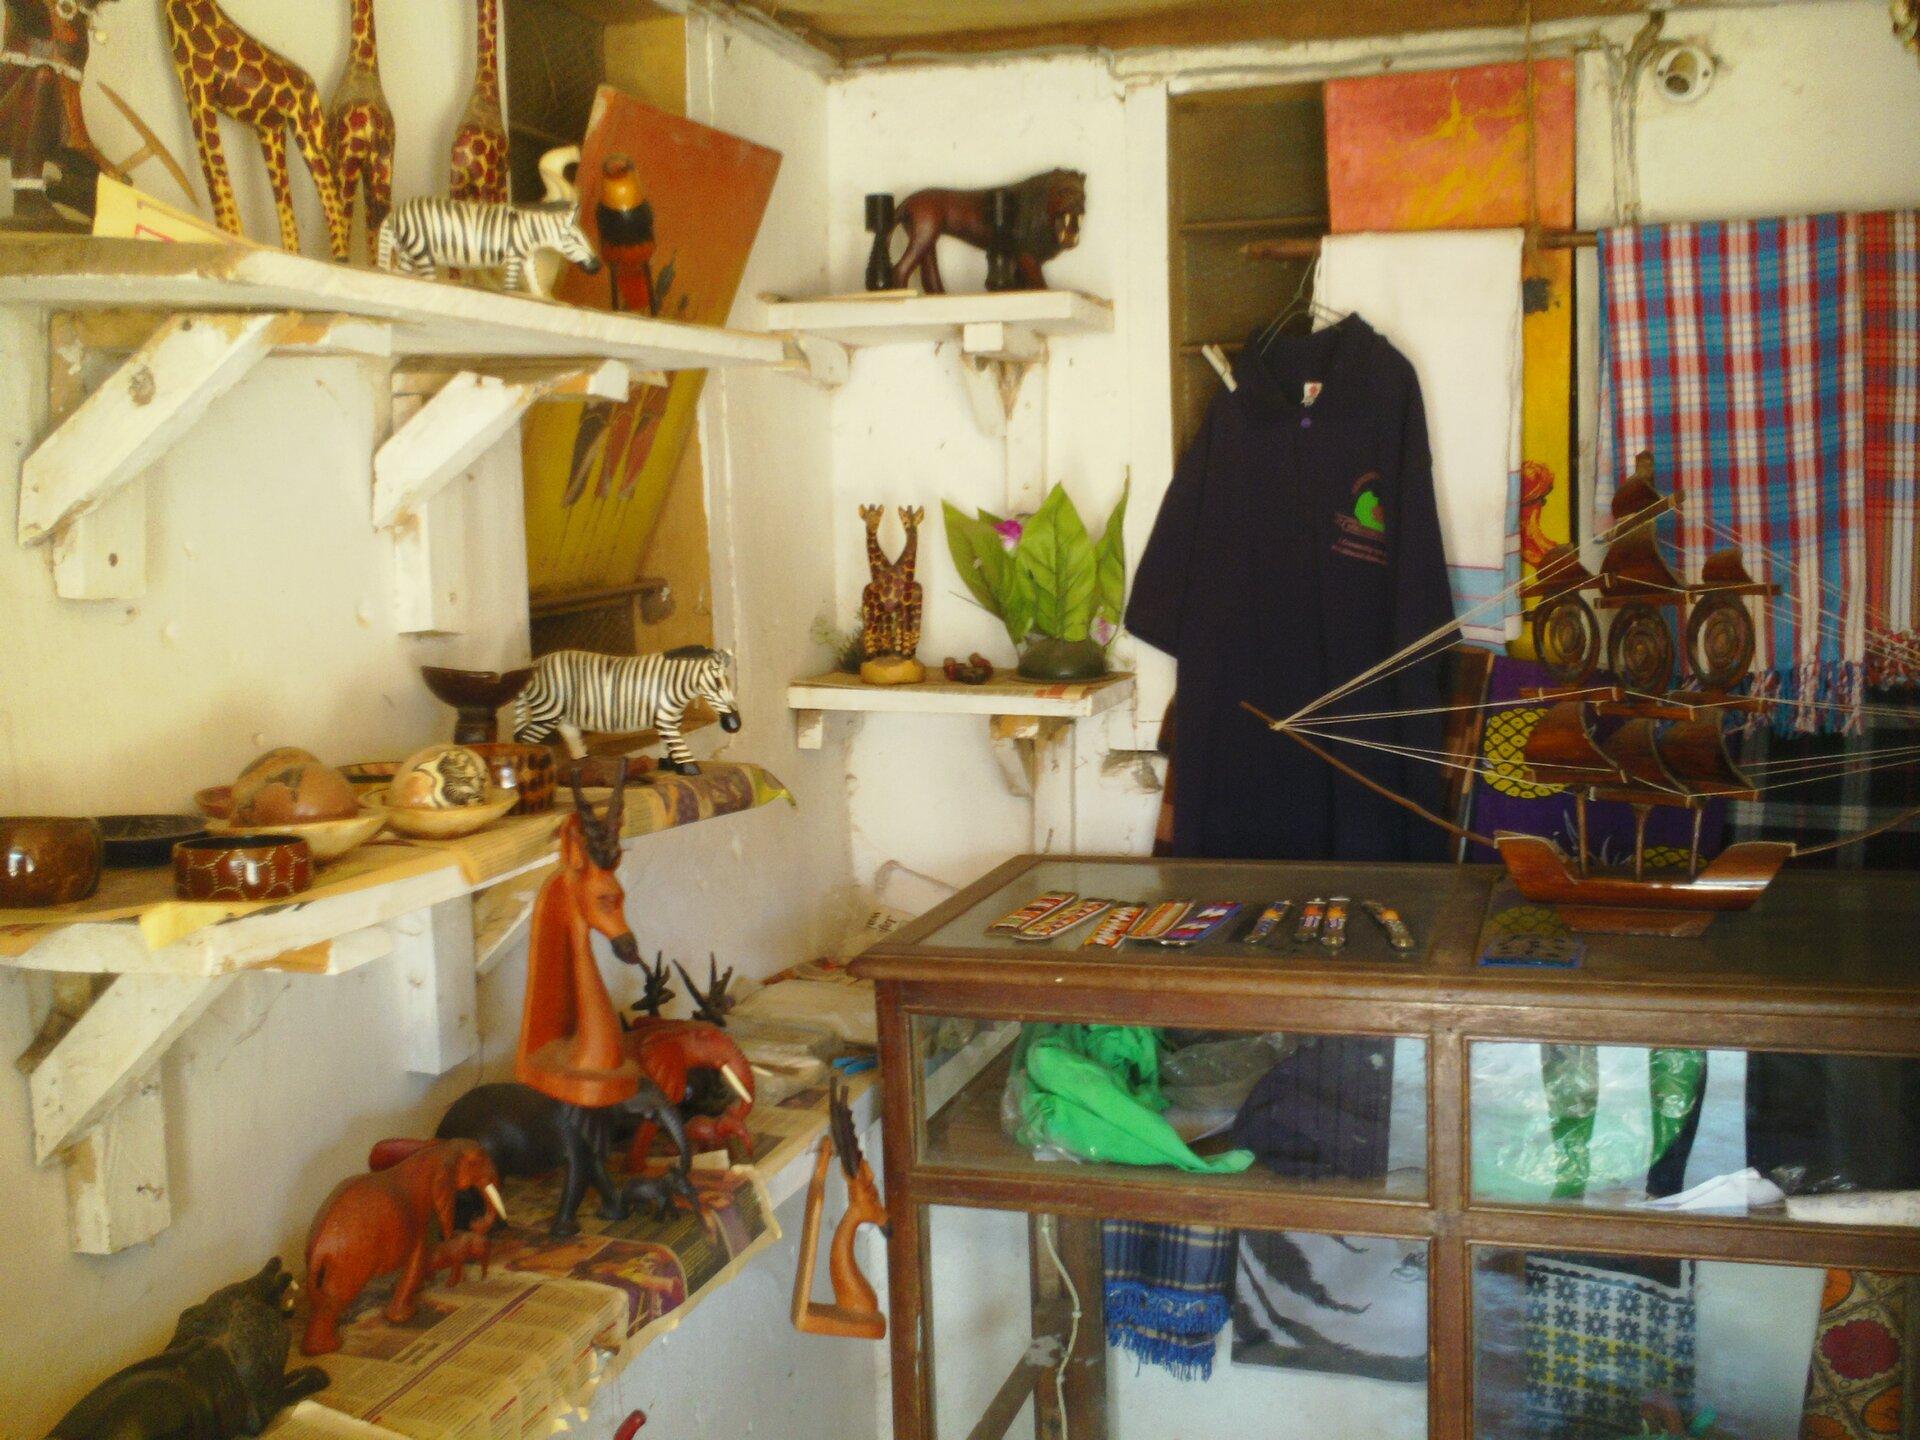 Na zdjęciu pomieszczenie zladą. Na ścianach półki. Na ladzie ipółkach ozdoby, figurki żyraf ilwa, model statku.